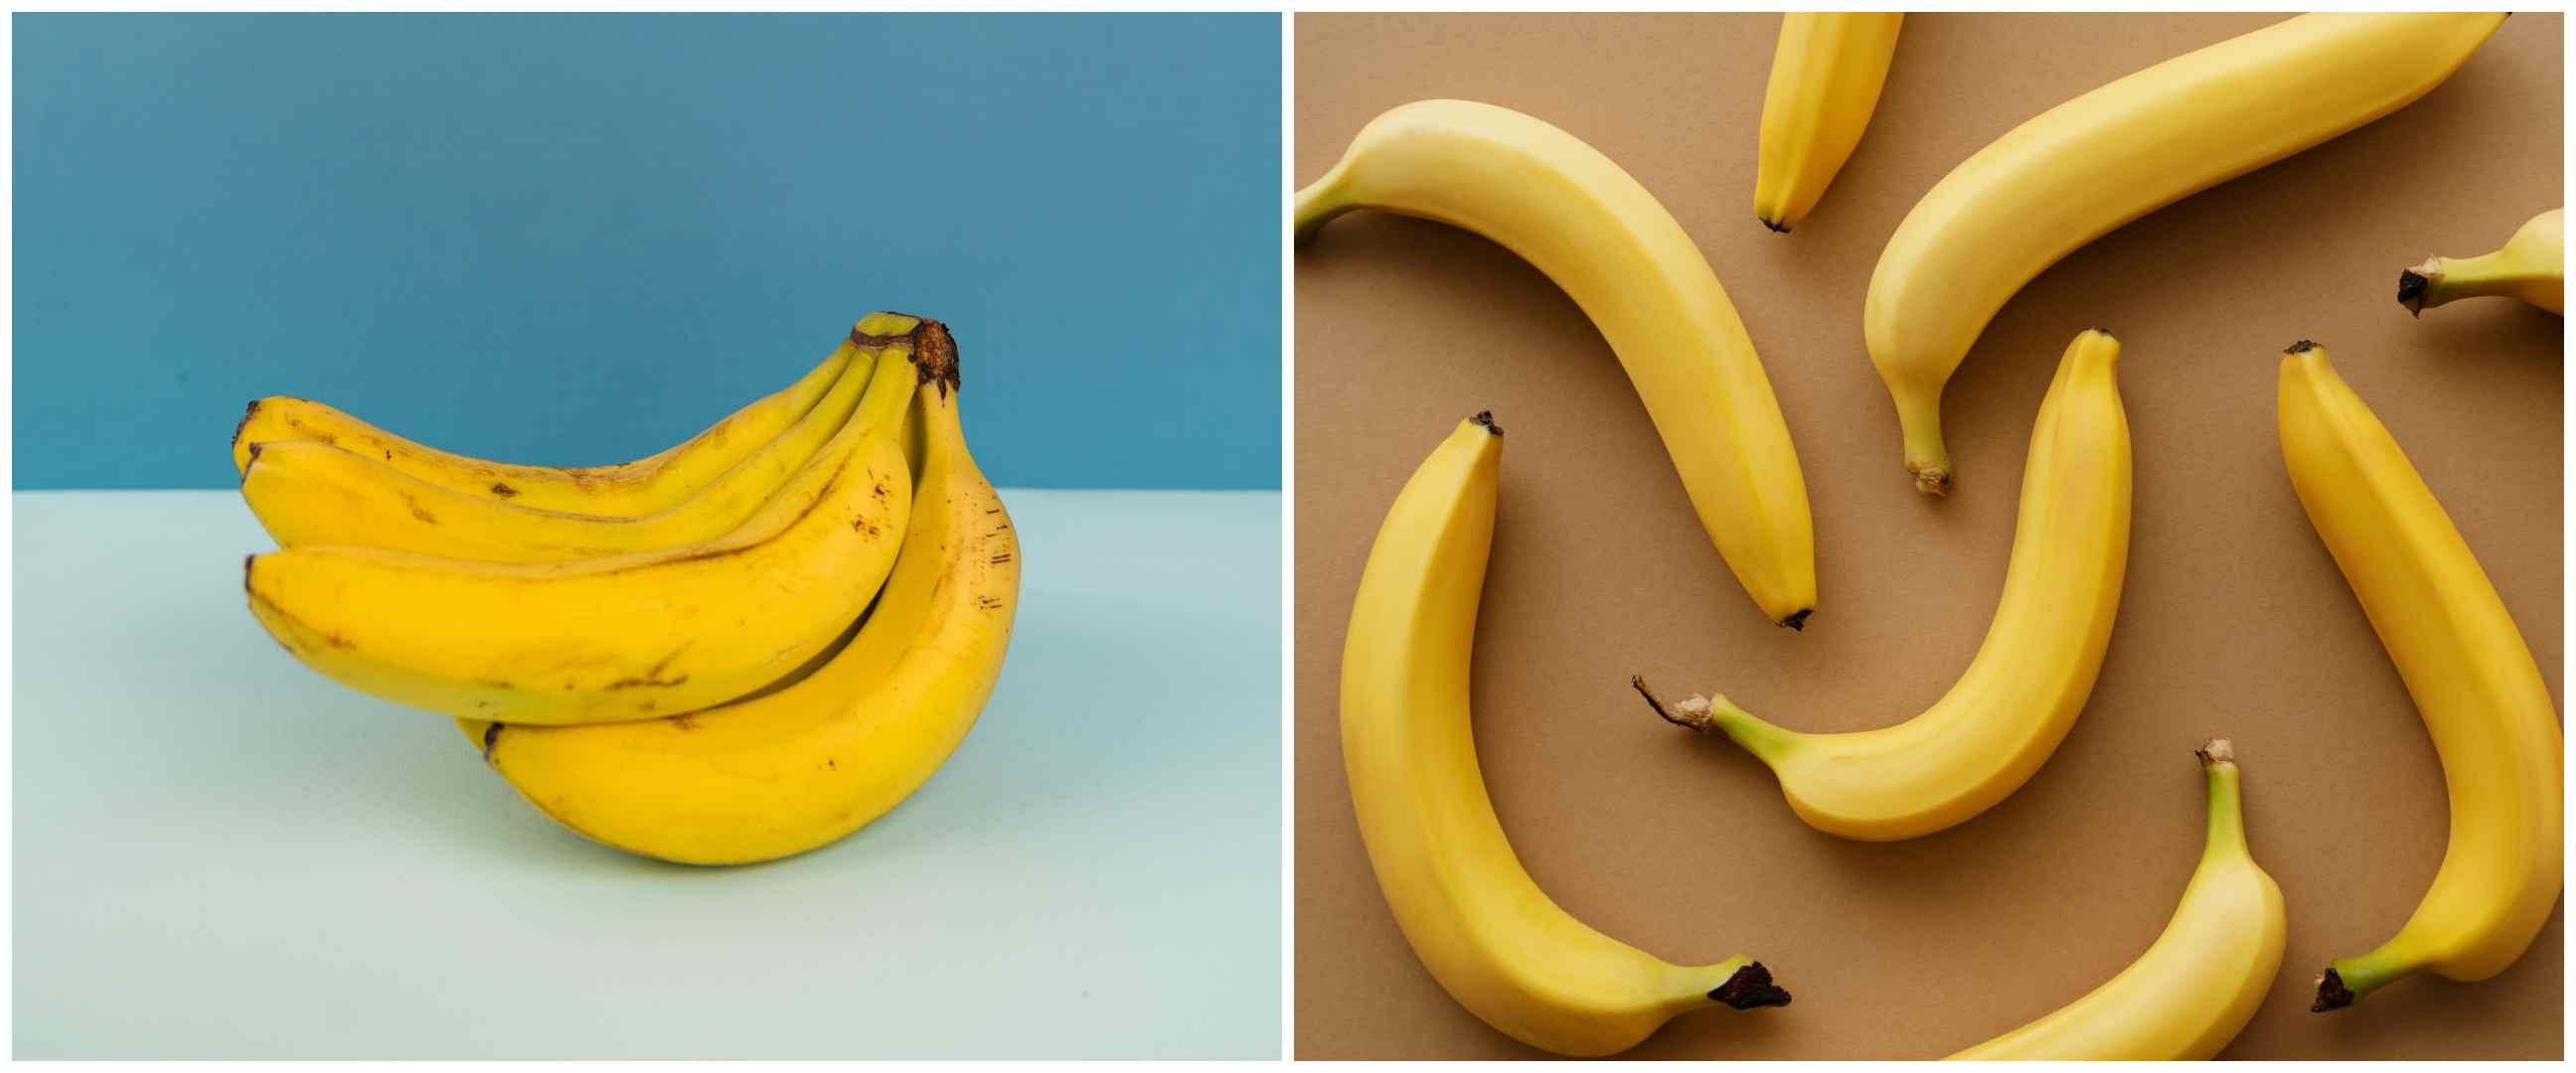 13 Manfaat pisang untuk kesehatan, dapat mencegah penyakit jantung